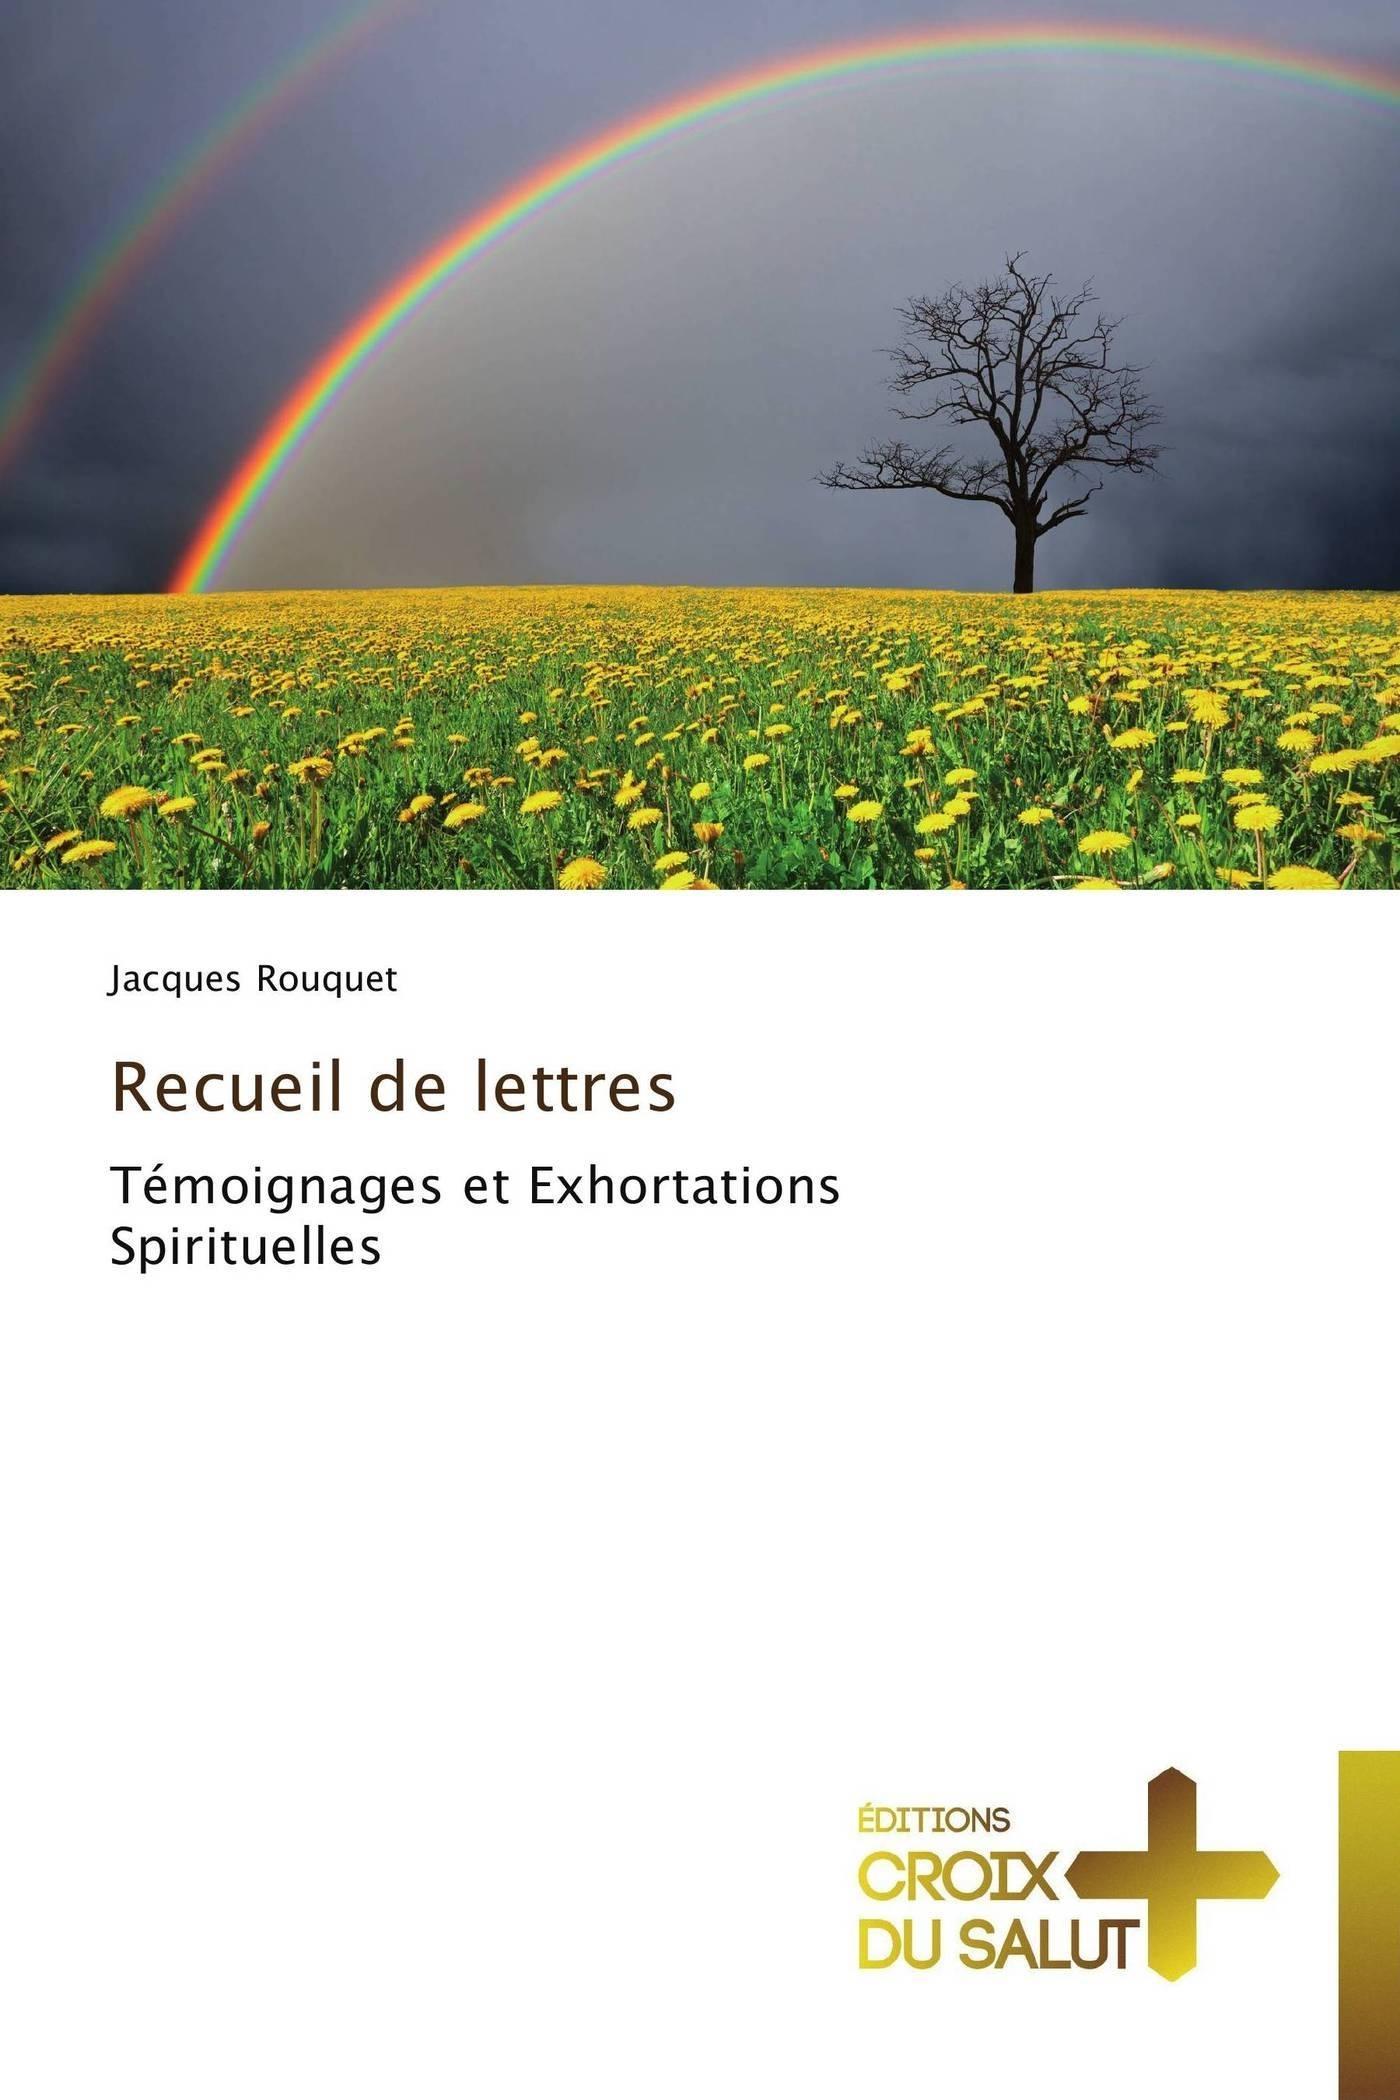 RECUEIL DE LETTRES